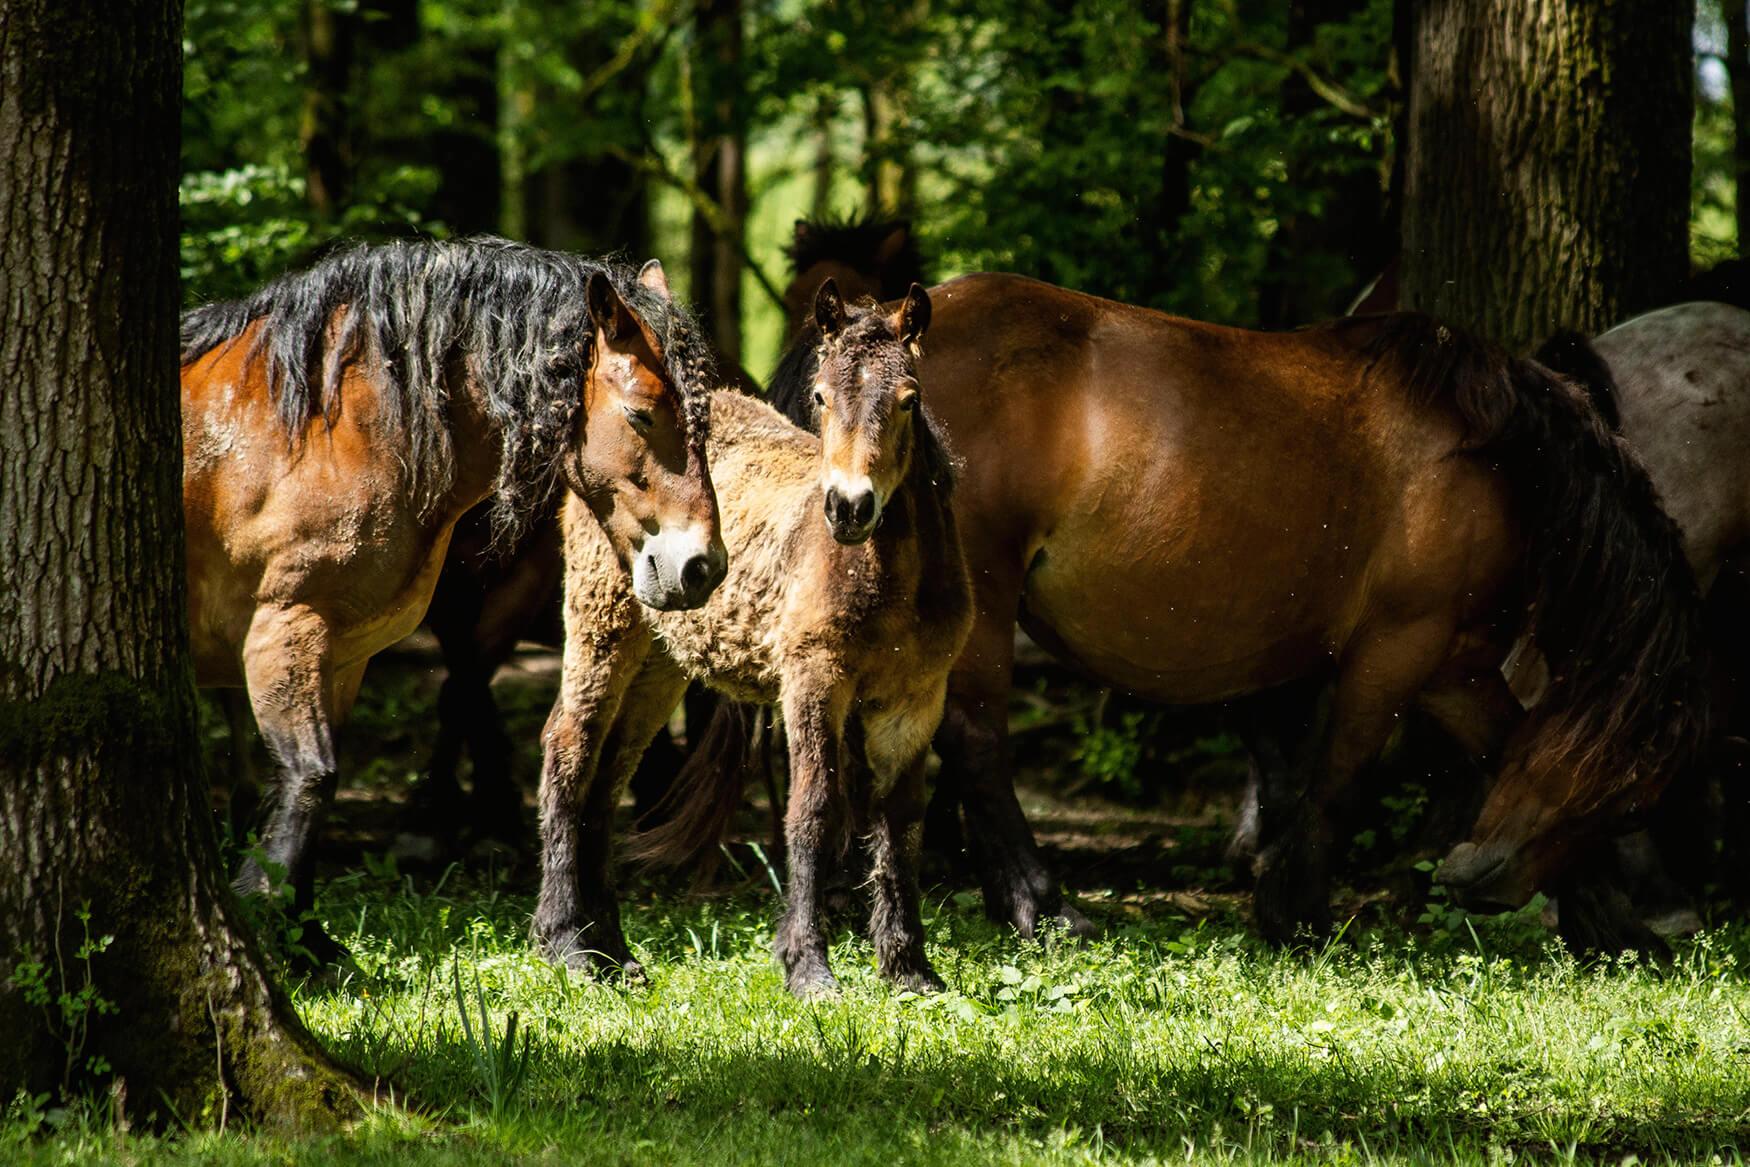 Kristina_Matijaš_Mužilovčica_Horses